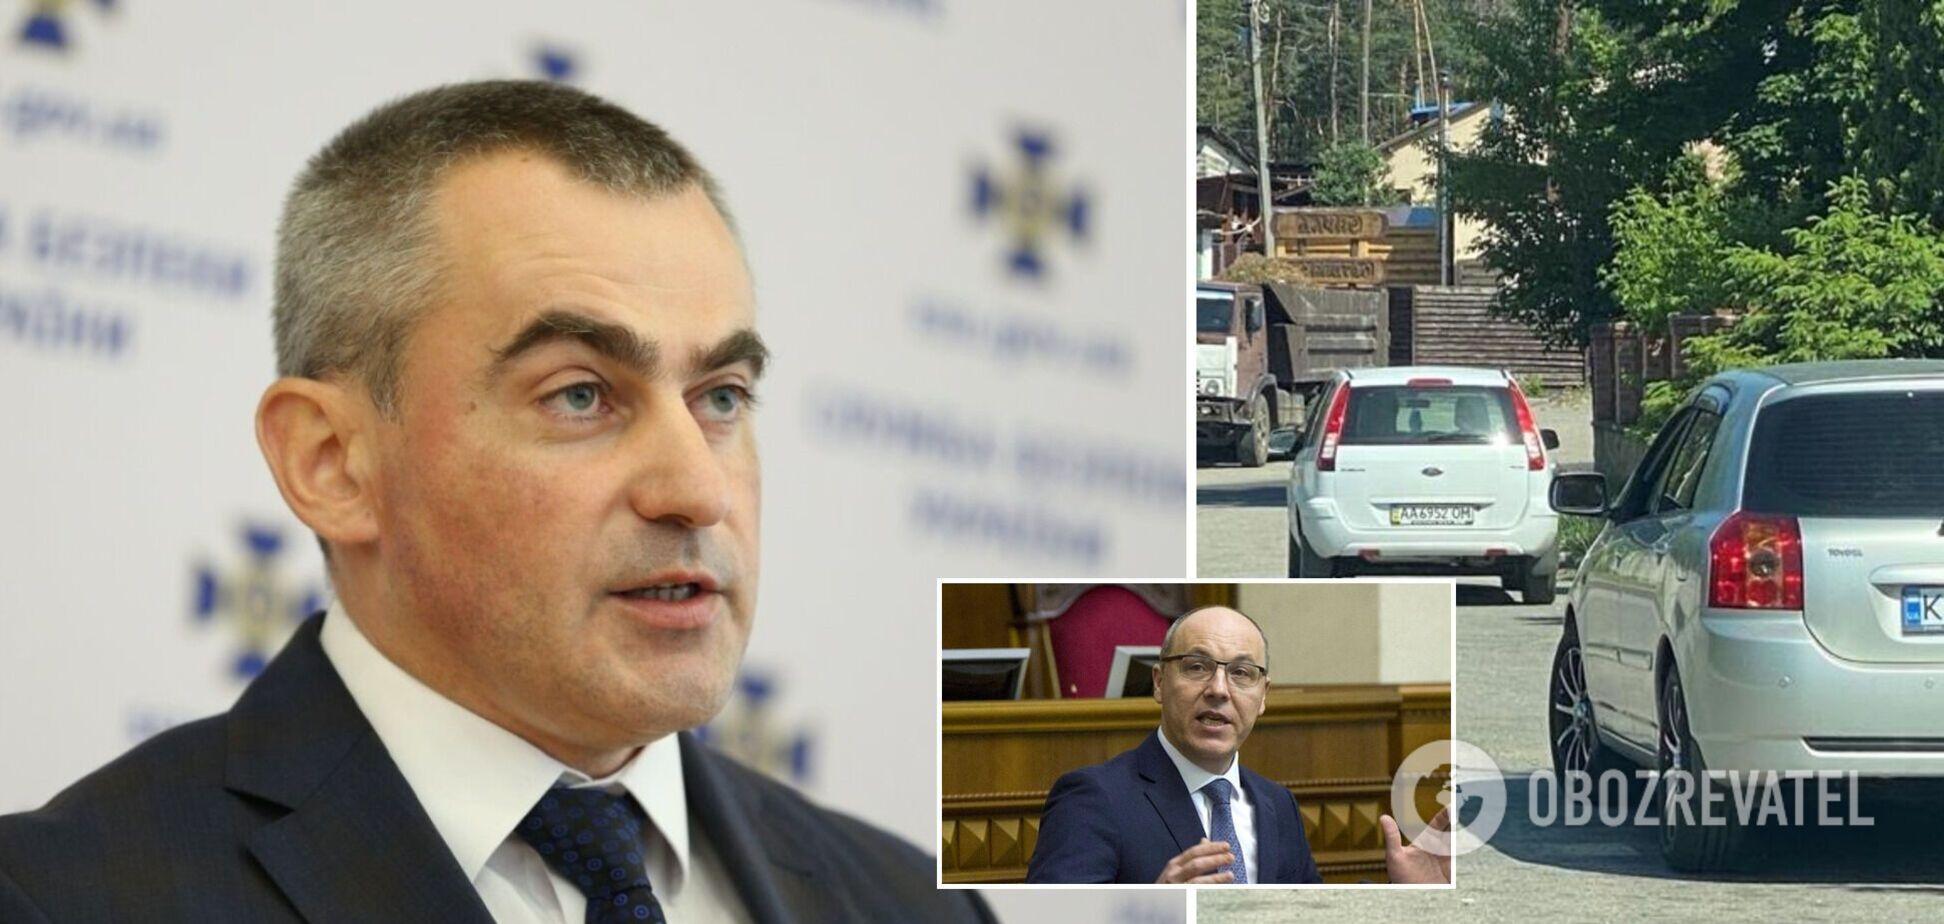 Парубій заявив про стеження загенералом СБУта депутатом Київради Кононенком